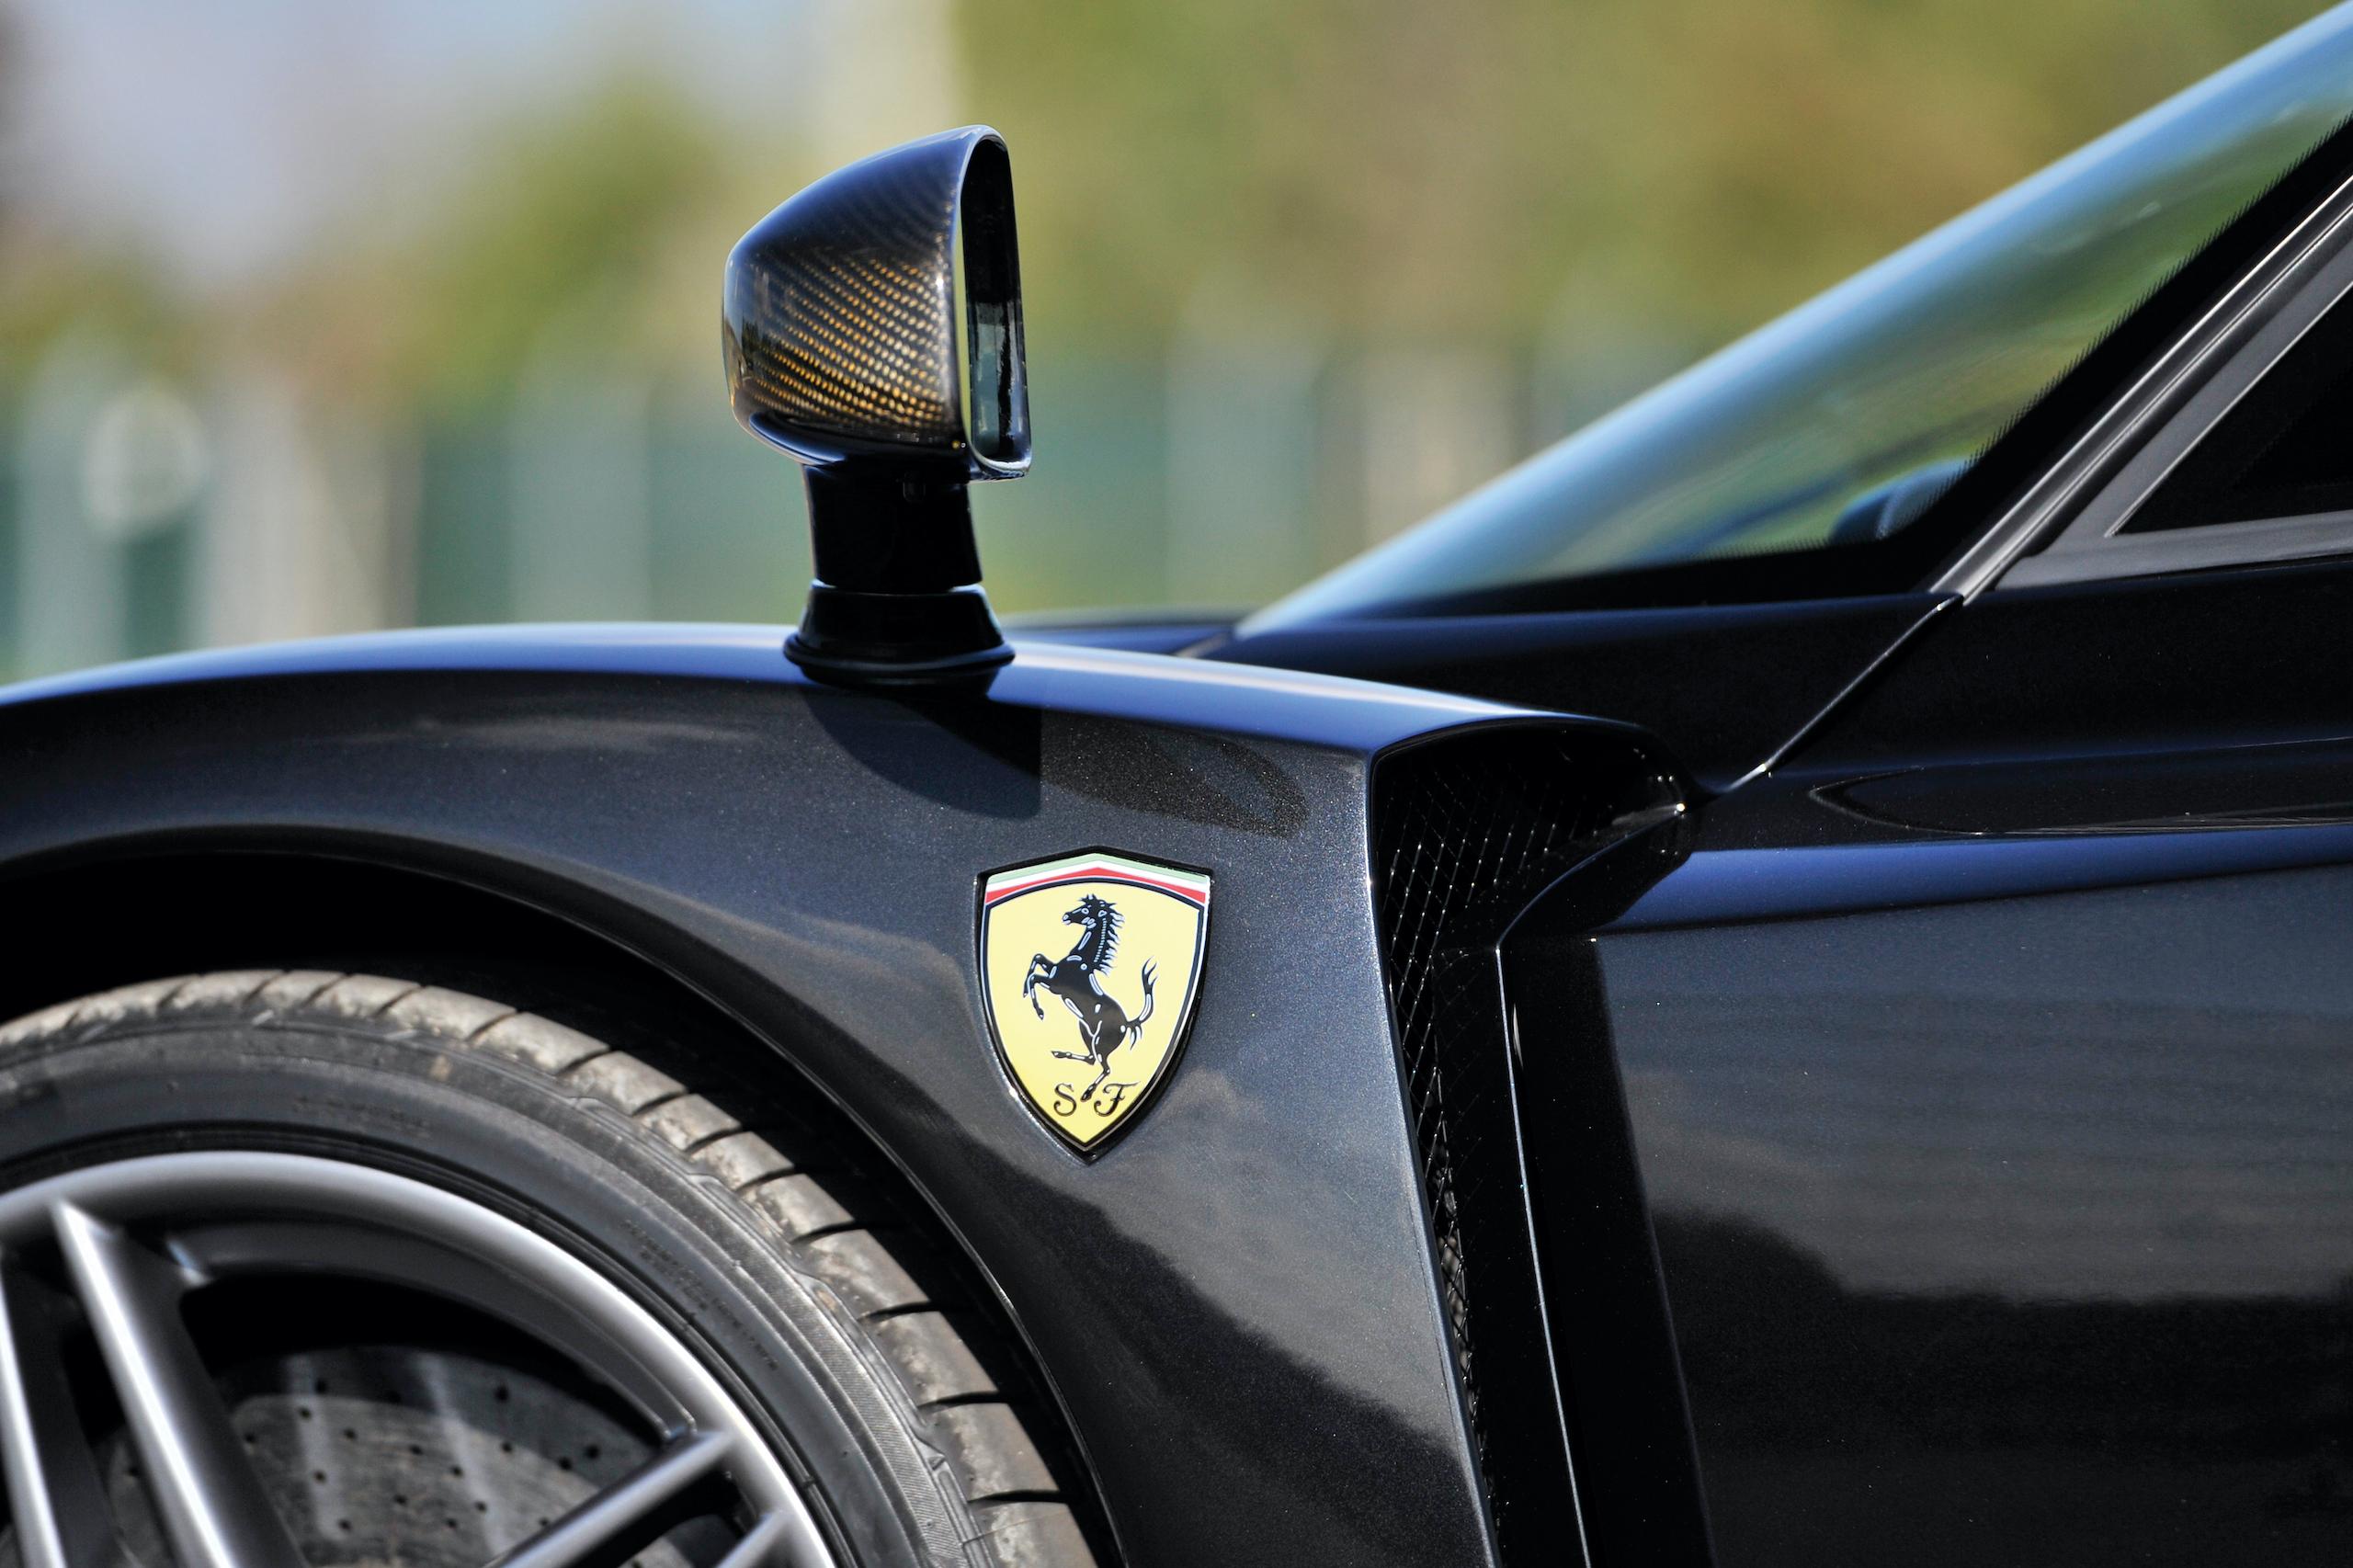 2004 Ferrari Enzo quarter panel badge